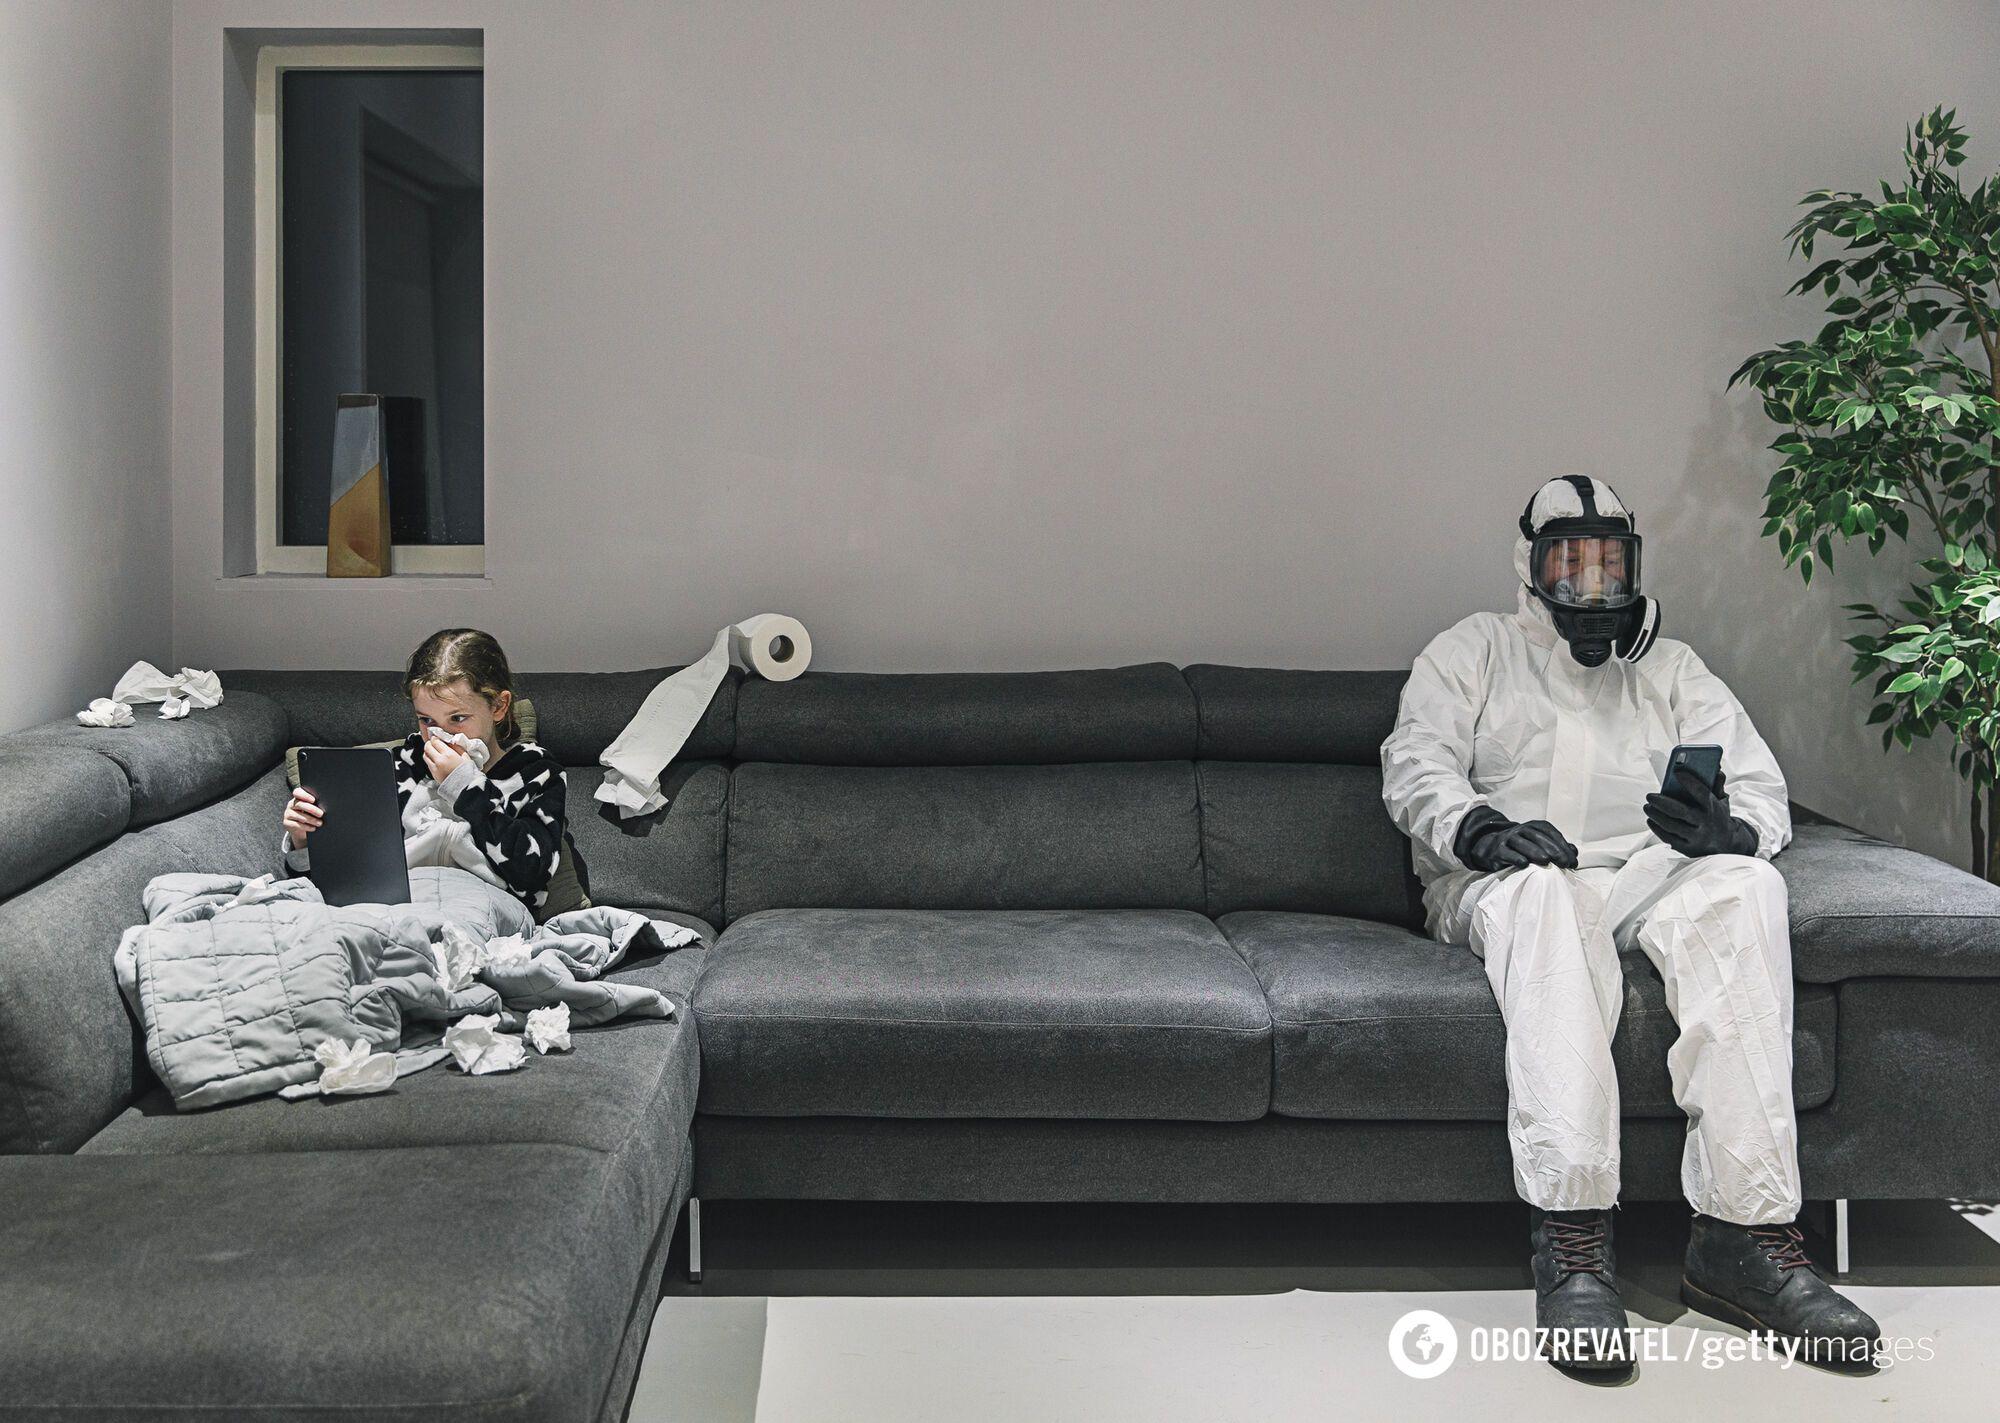 Якщо хворі на COVID-19, носіть маску, коли перебуваєте поряд з іншими людьми